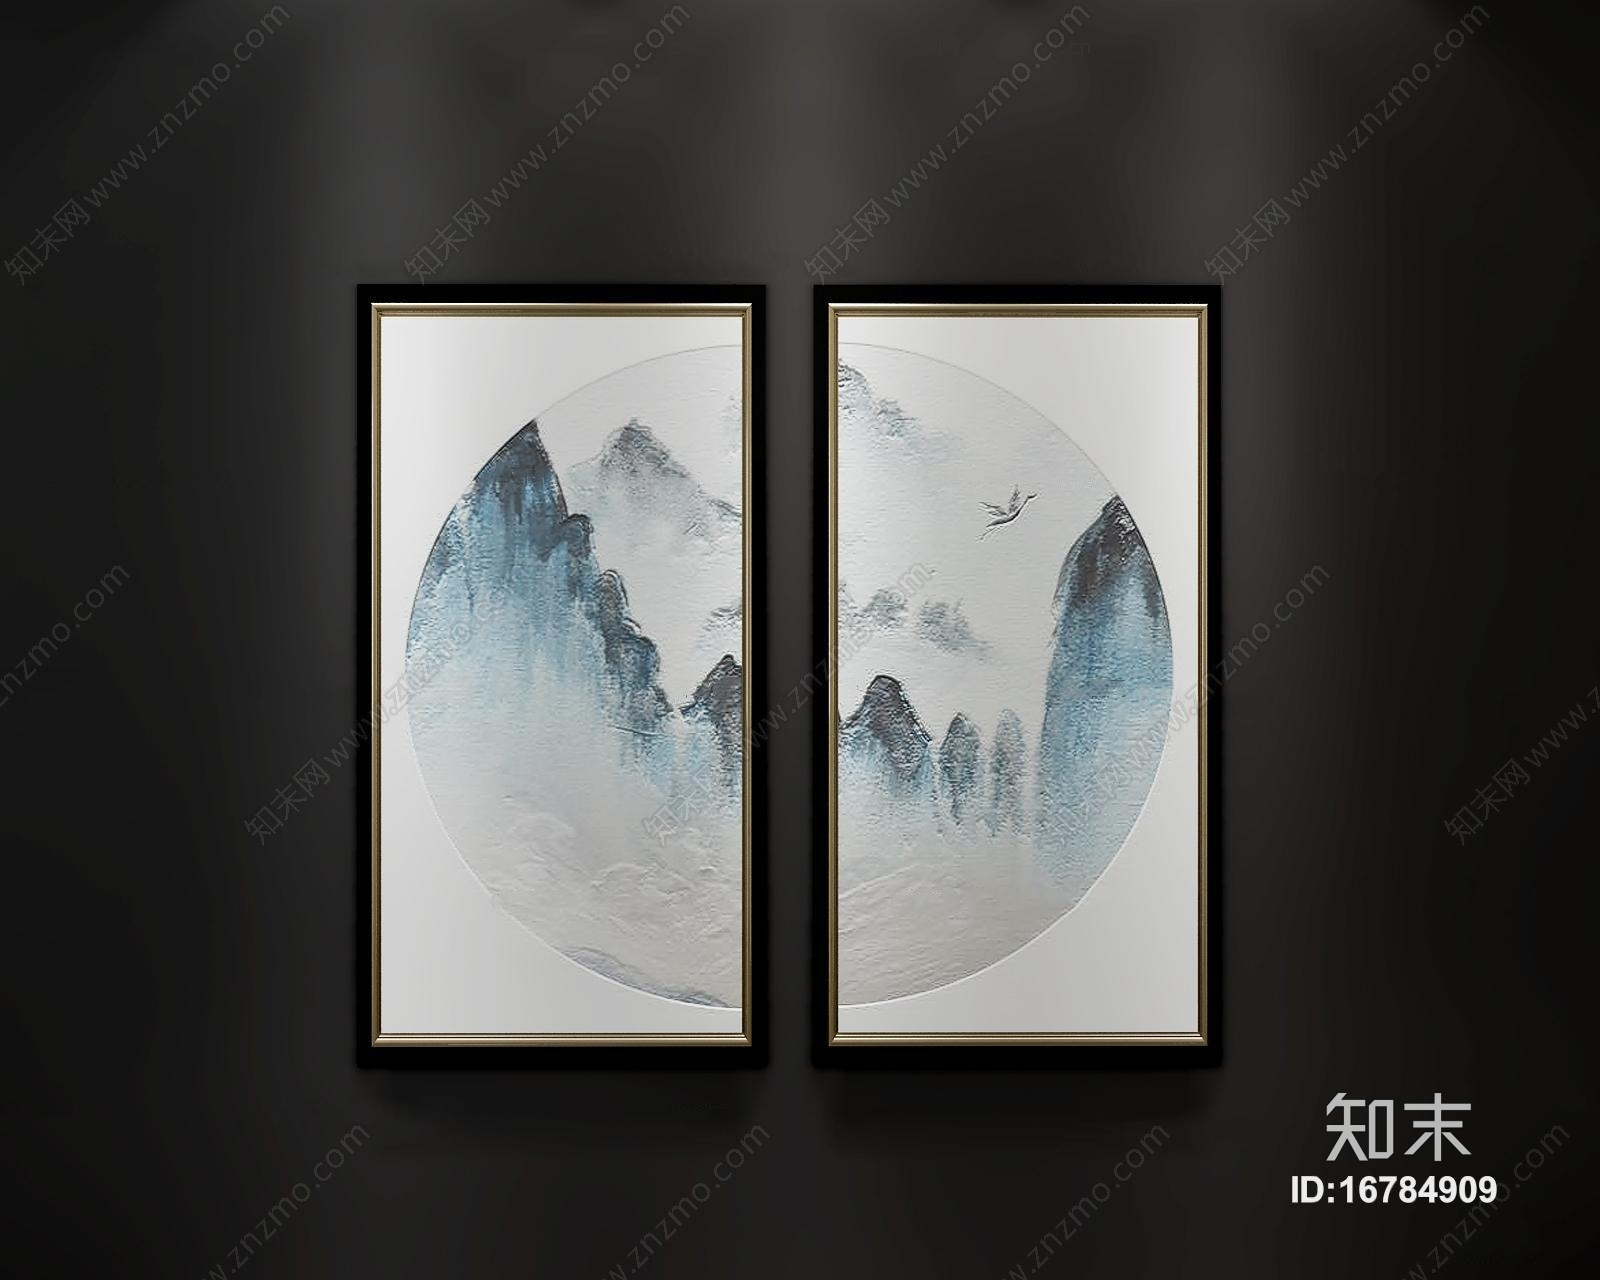 新中式水墨画装饰画挂画组合3D模型